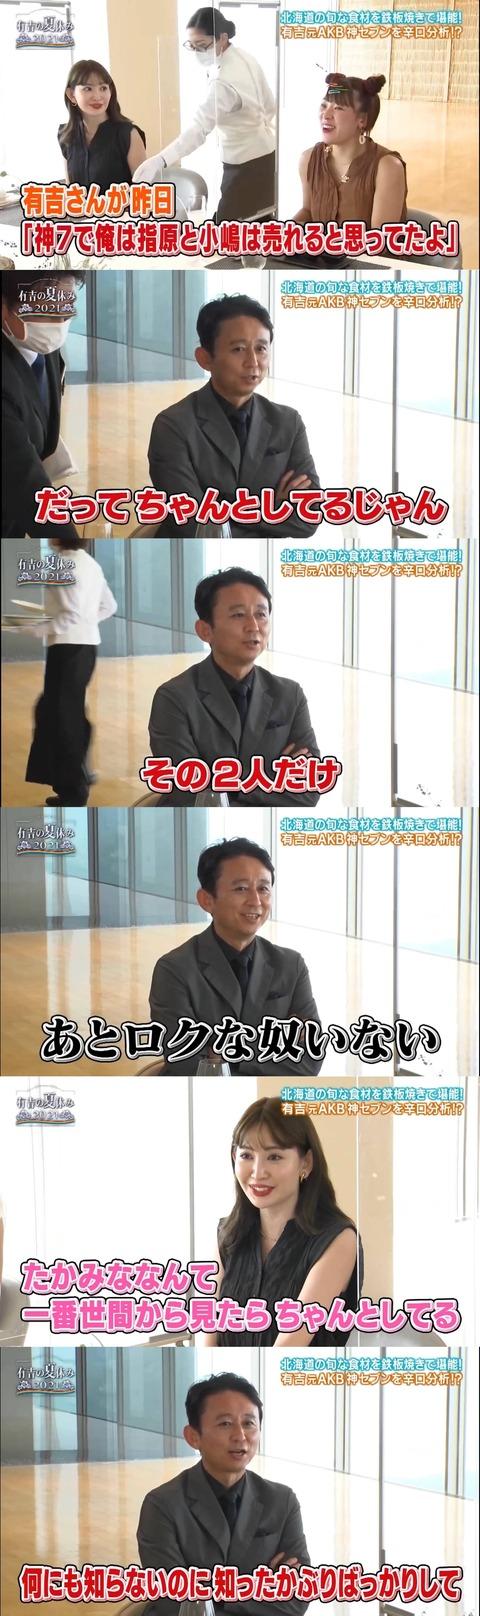 有吉弘行「指原と小嶋は売れると思ってたよ。その2人だけはちゃんとしてるから。あとロクな奴いない」